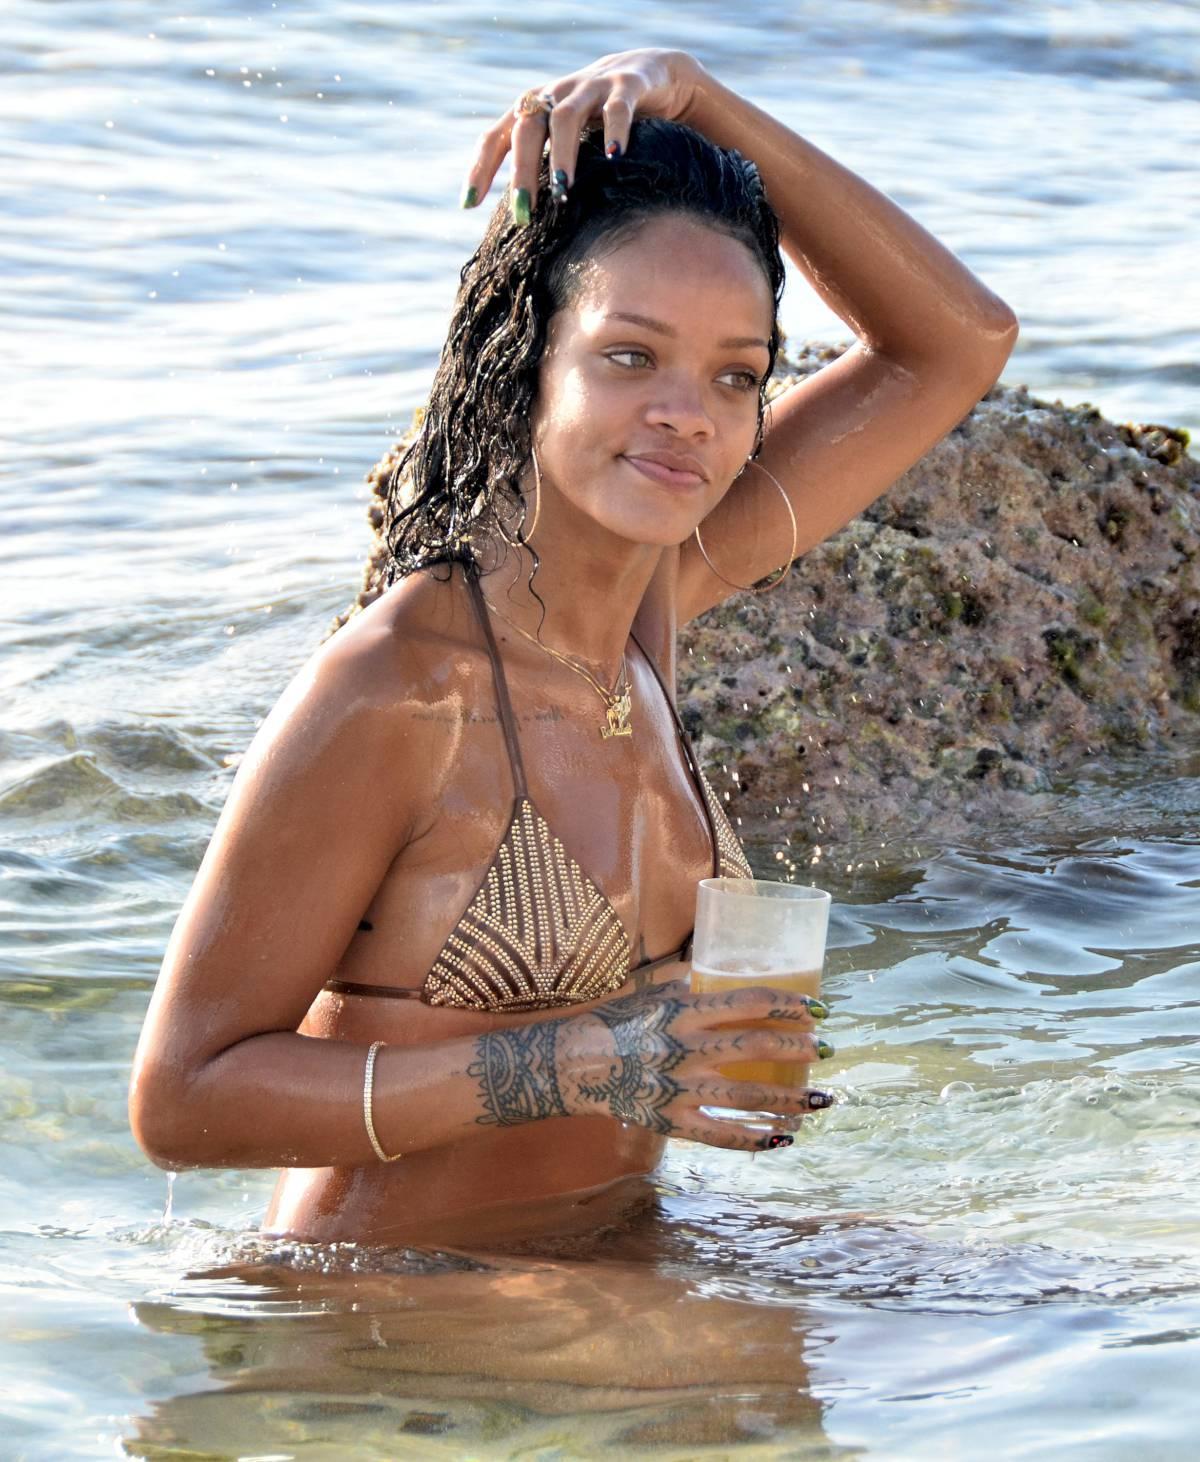 351913506_Rihanna_Bikini_291213_ReSiDuO1_123_248lo.jpg